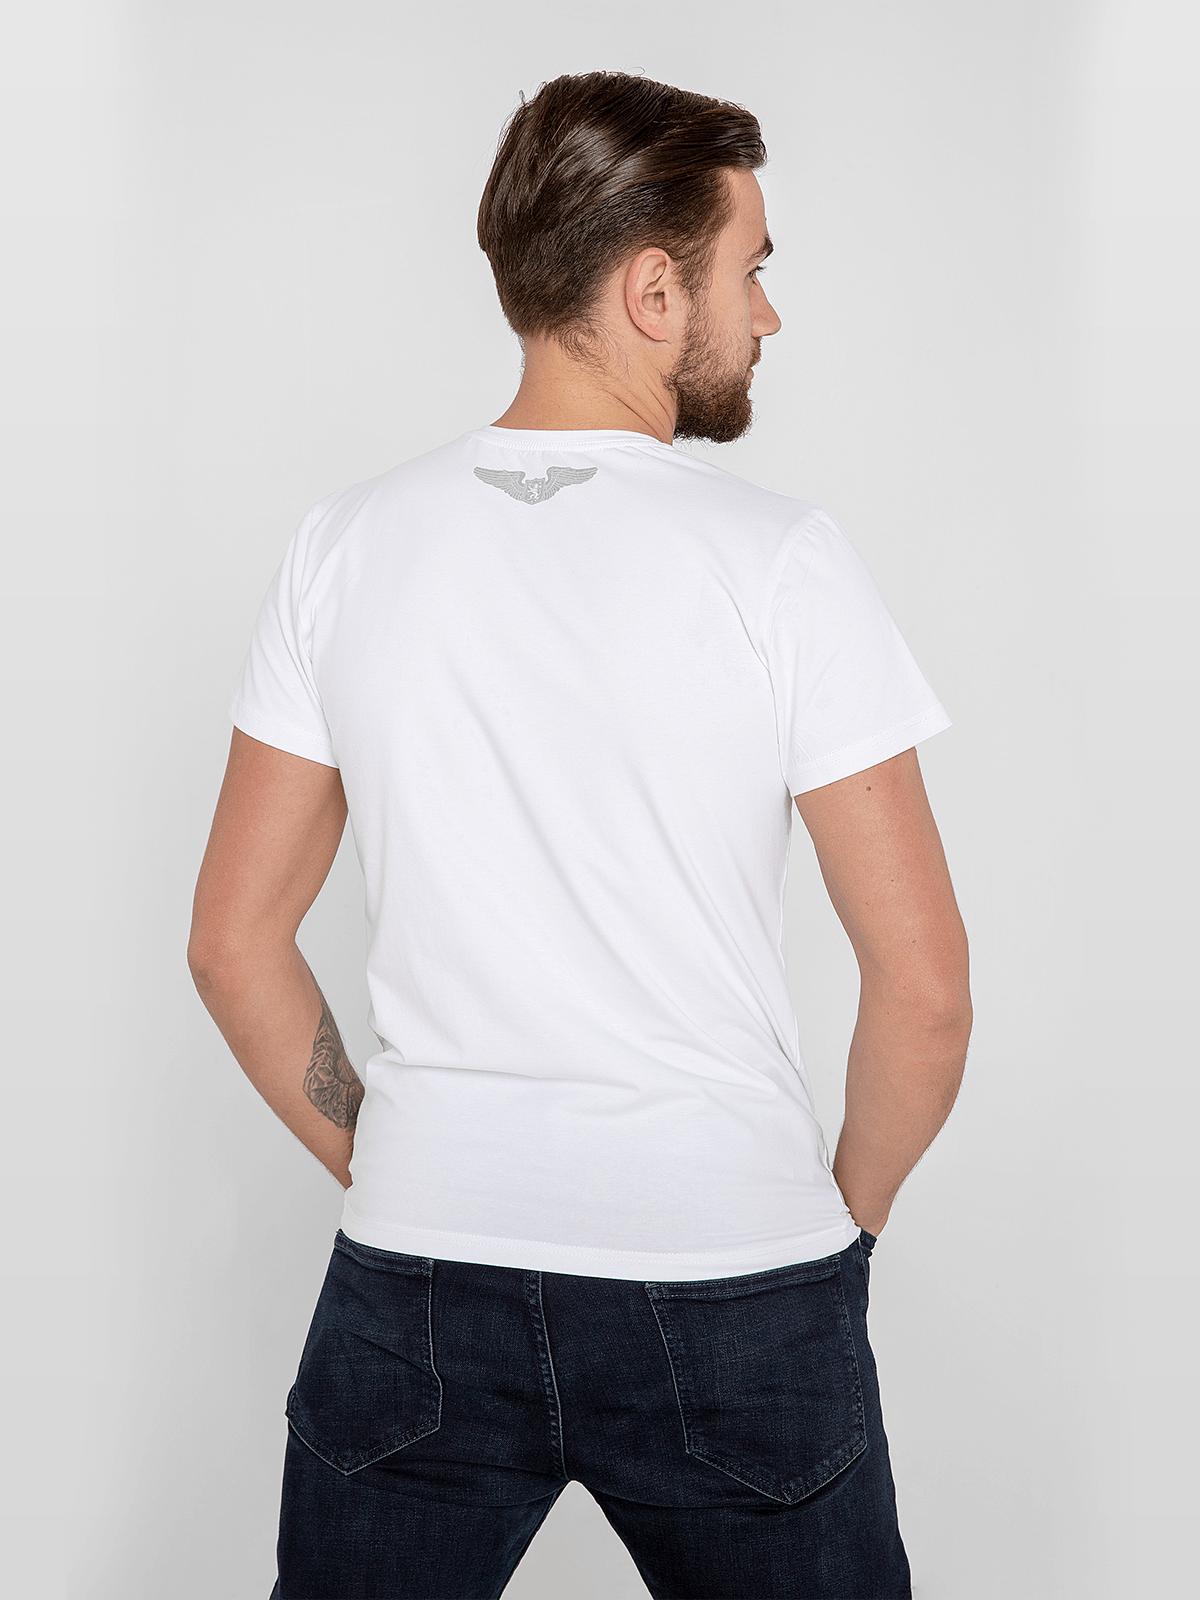 Men's T-Shirt An-225. Color white.  Material: 95% cotton, 5% spandex.